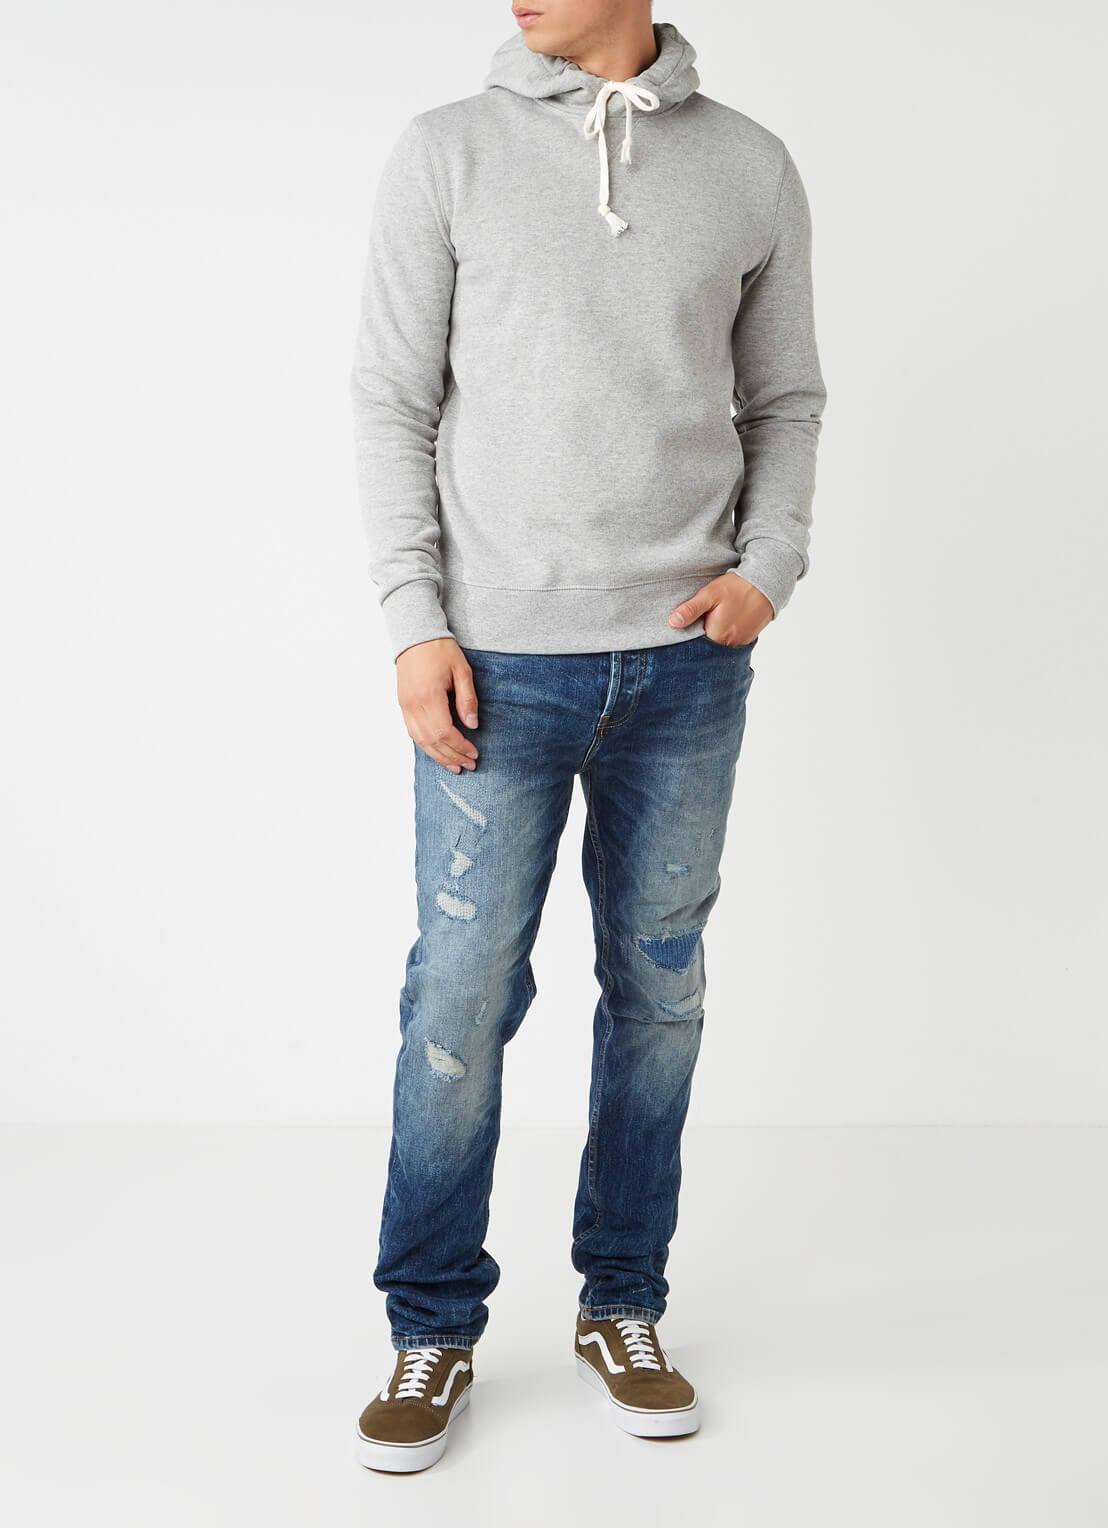 Weekend wear 4 - Mr.Draper